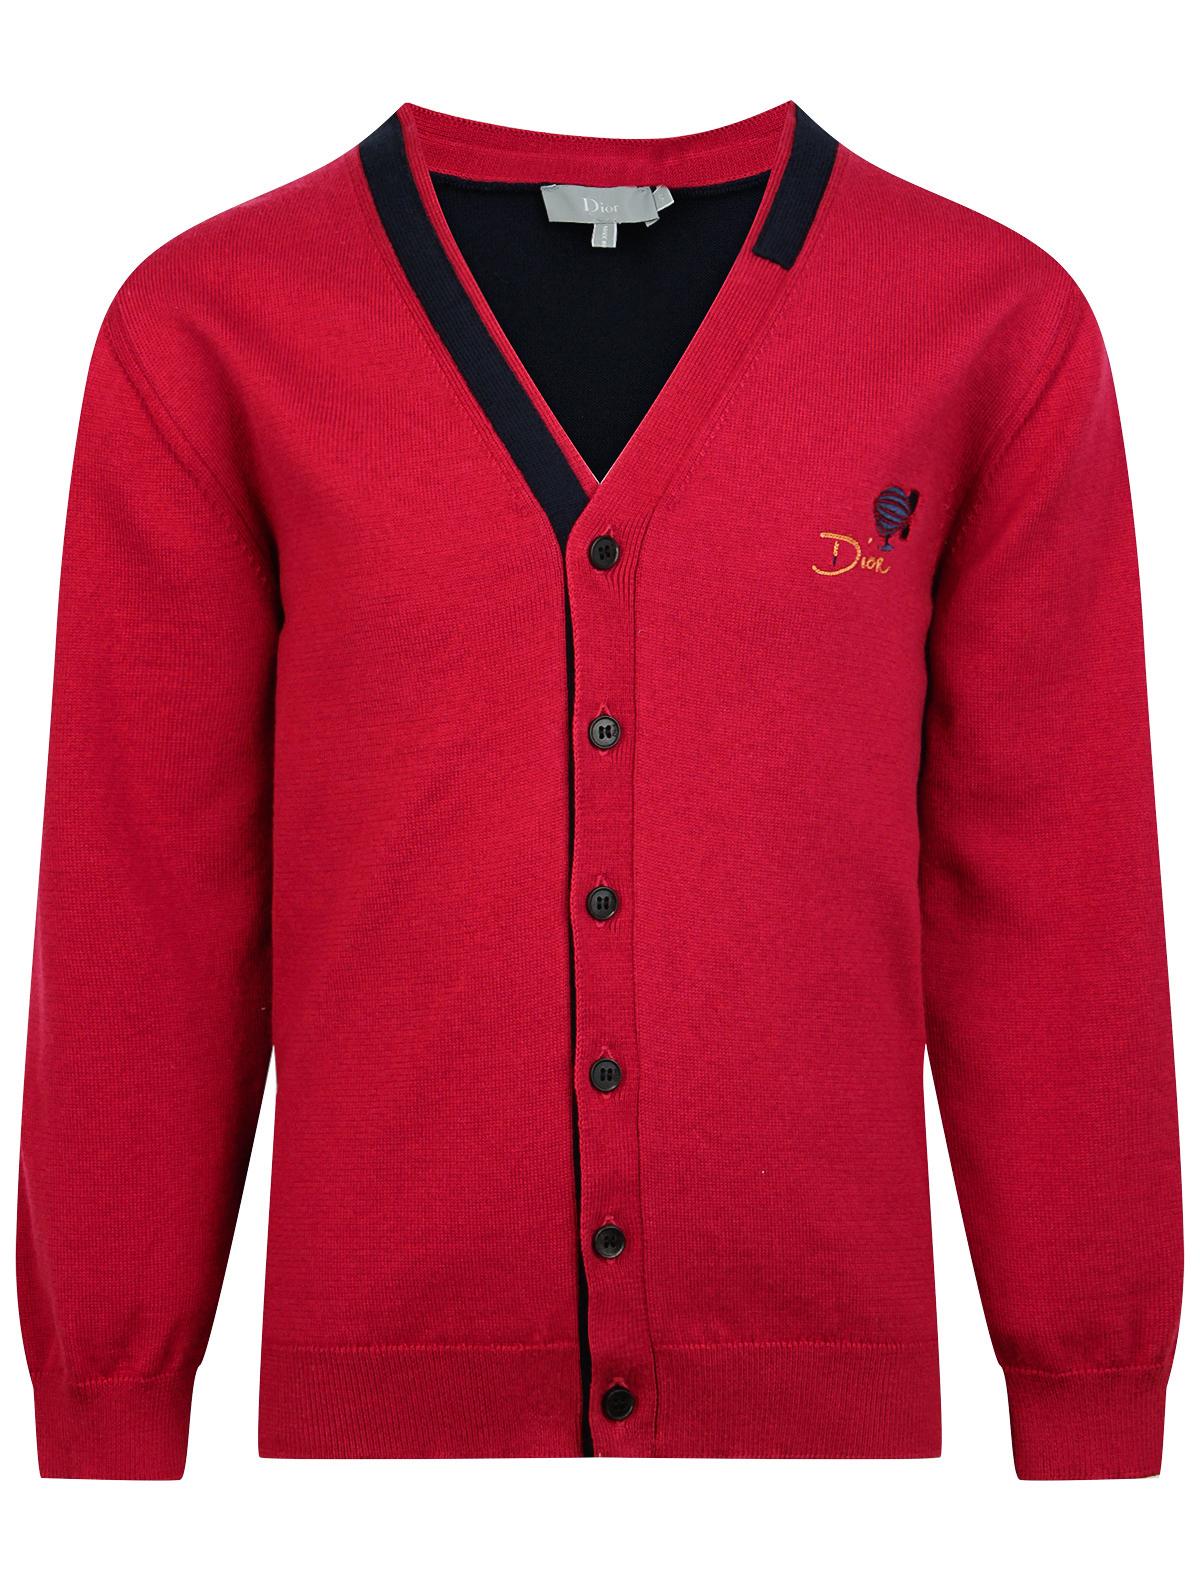 1955222, Кардиган Dior, разноцветный, Мужской, 1400919970019  - купить со скидкой